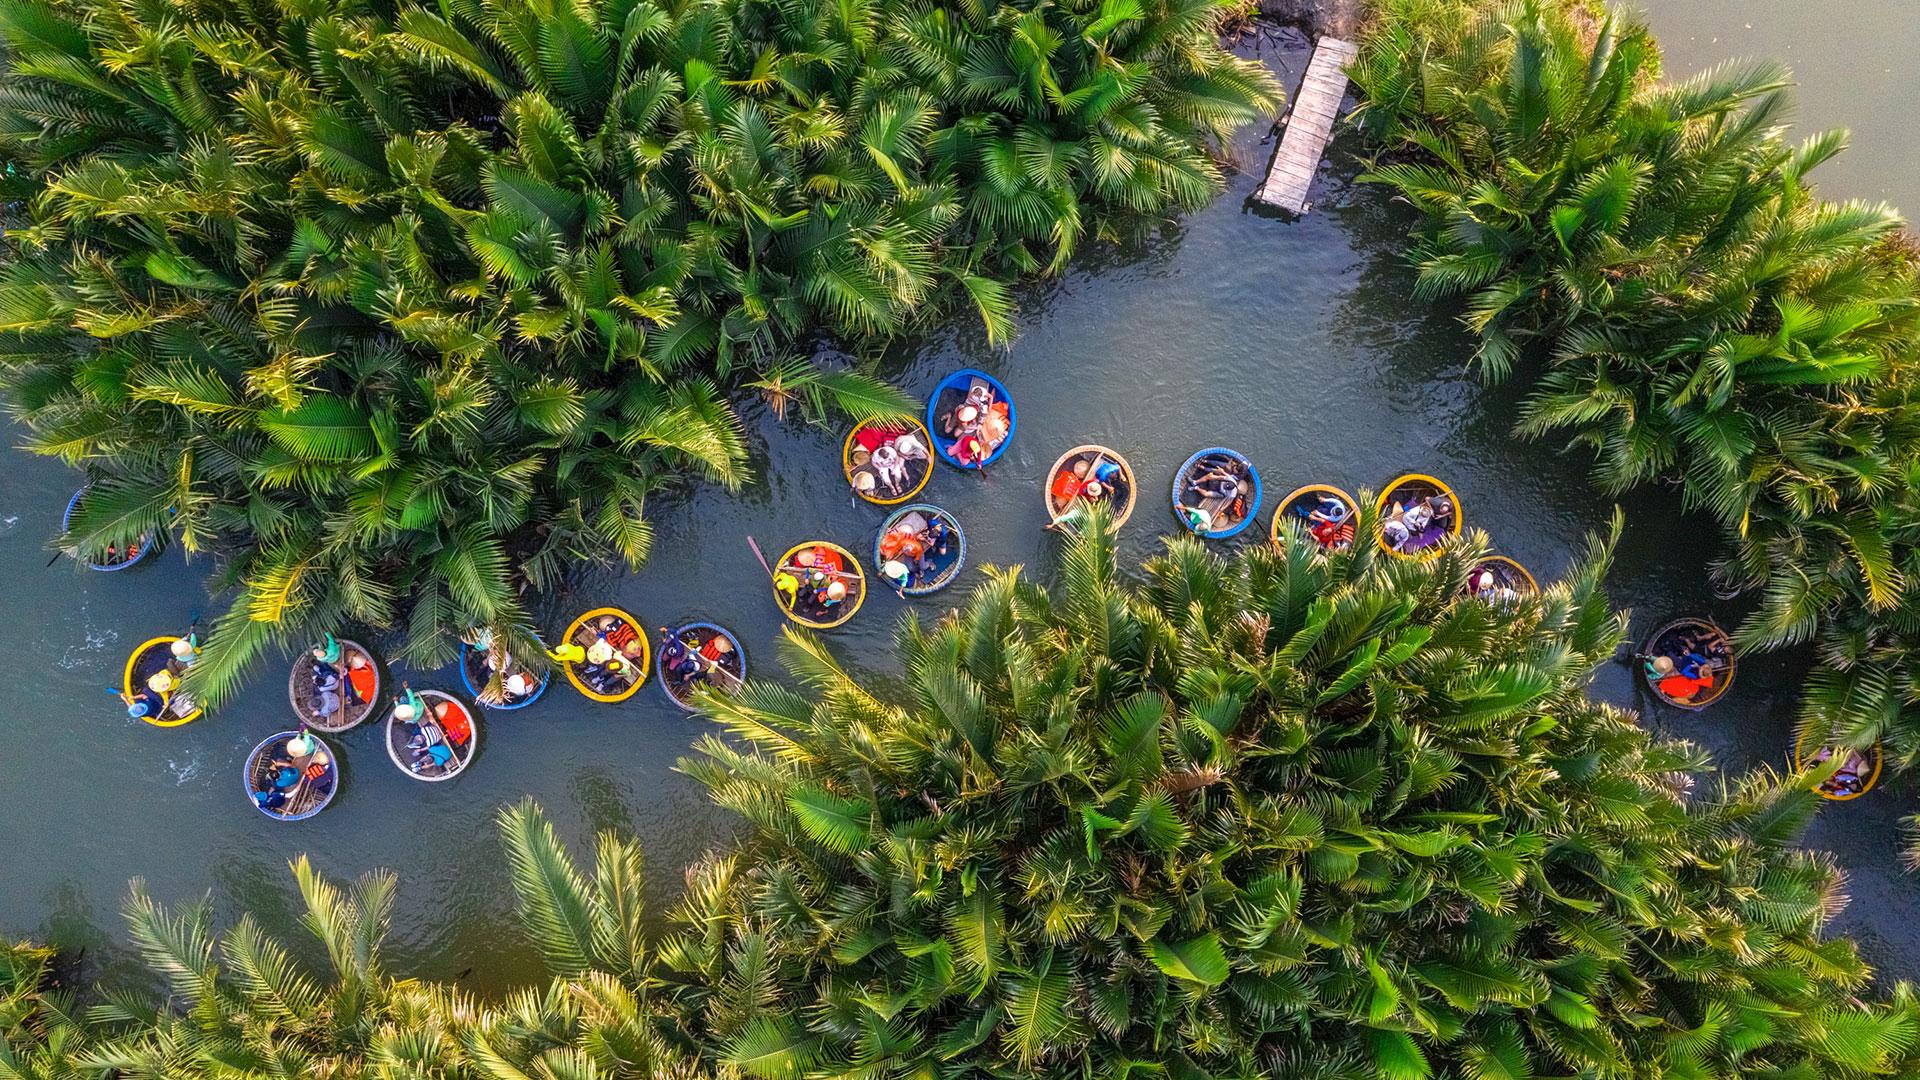 La pintoresca e histórica ciudad de Vietnam se caracteriza por una combinación única de arquitectura china, japonesa, vietnamita y francesa. La gastronomía local, los mercados, los templos y los canales convierten a Hội An en la mejor urbe del planeta